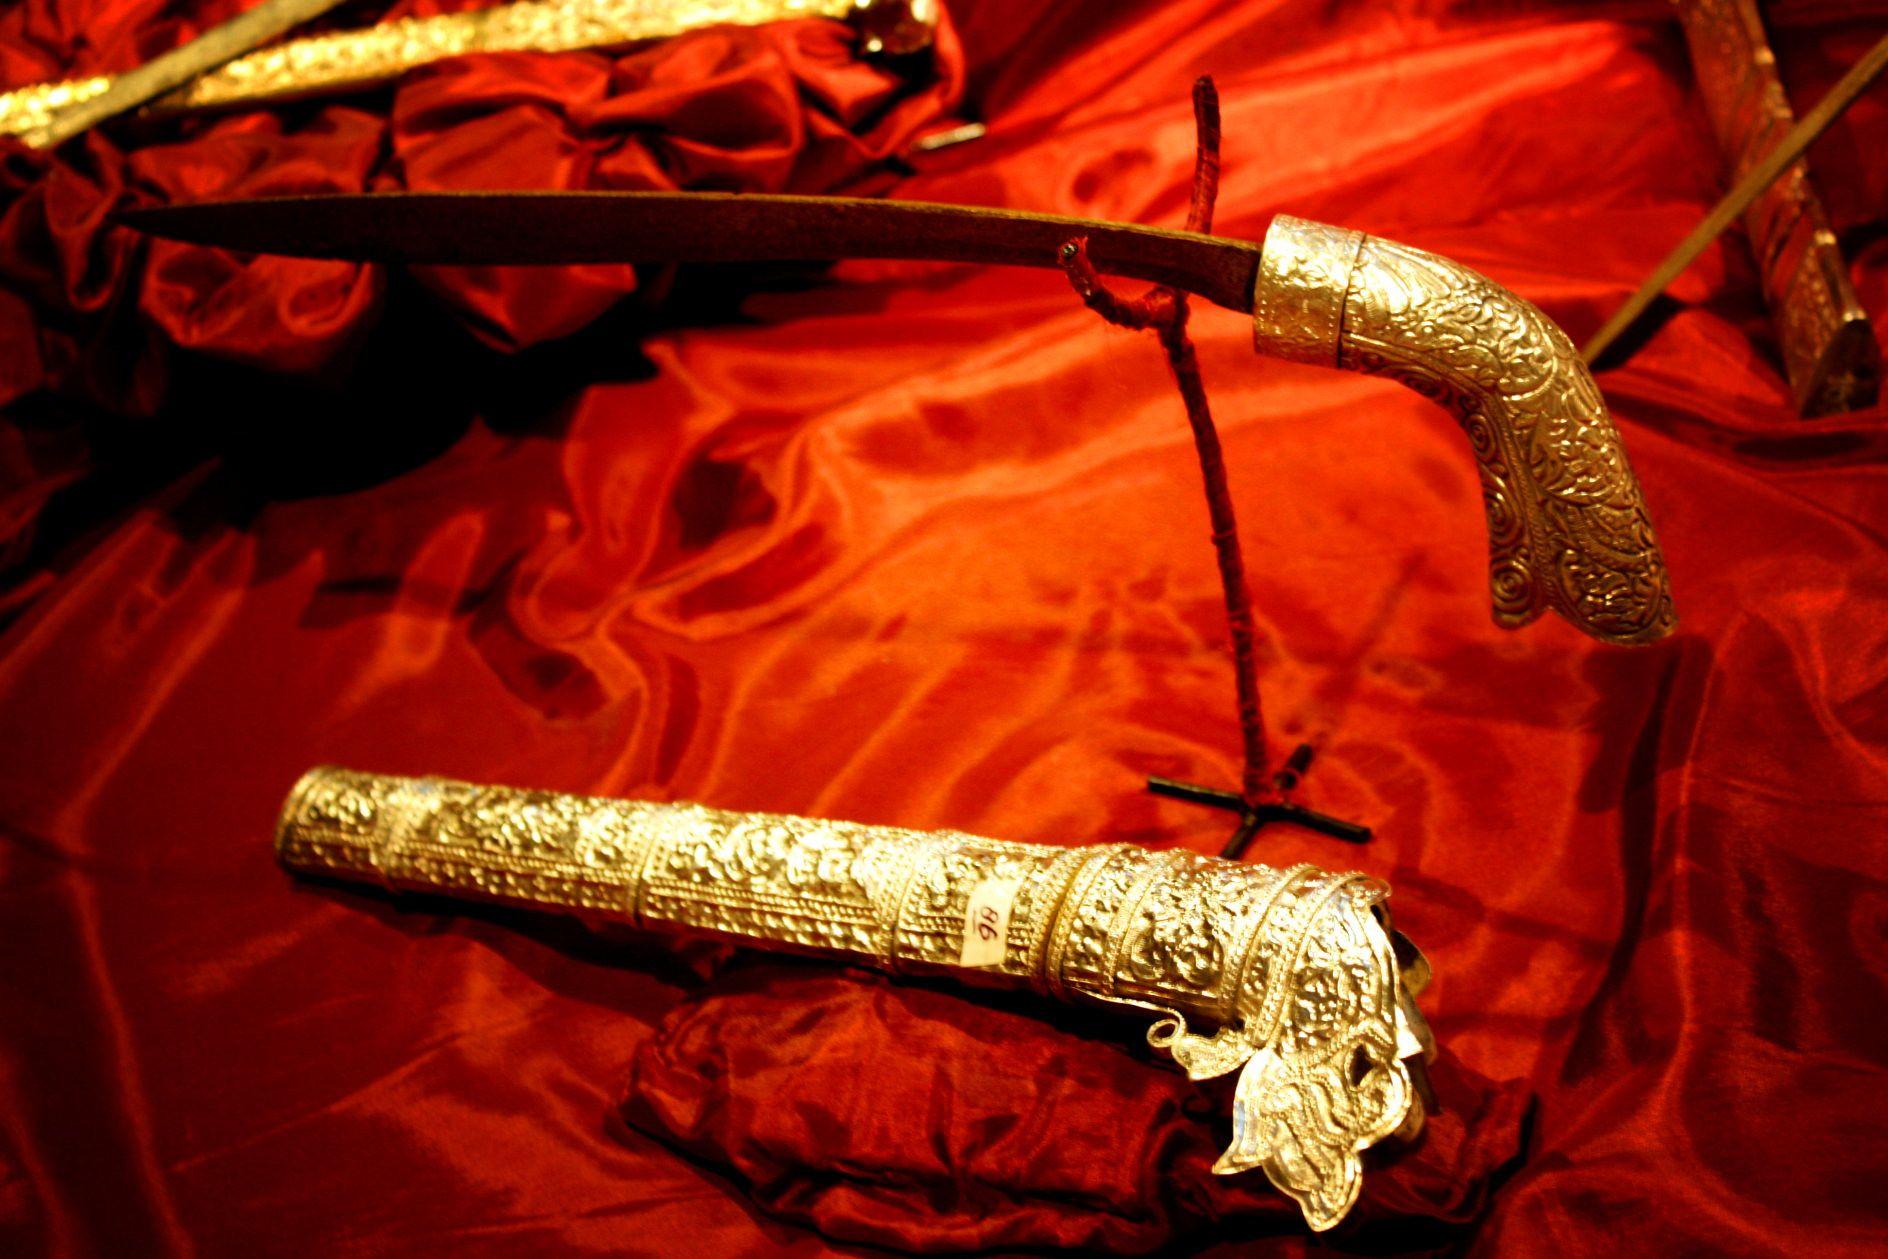 Badik: Senjata untuk Menikam, Mengobati, atau untuk Dipamer Belaka?